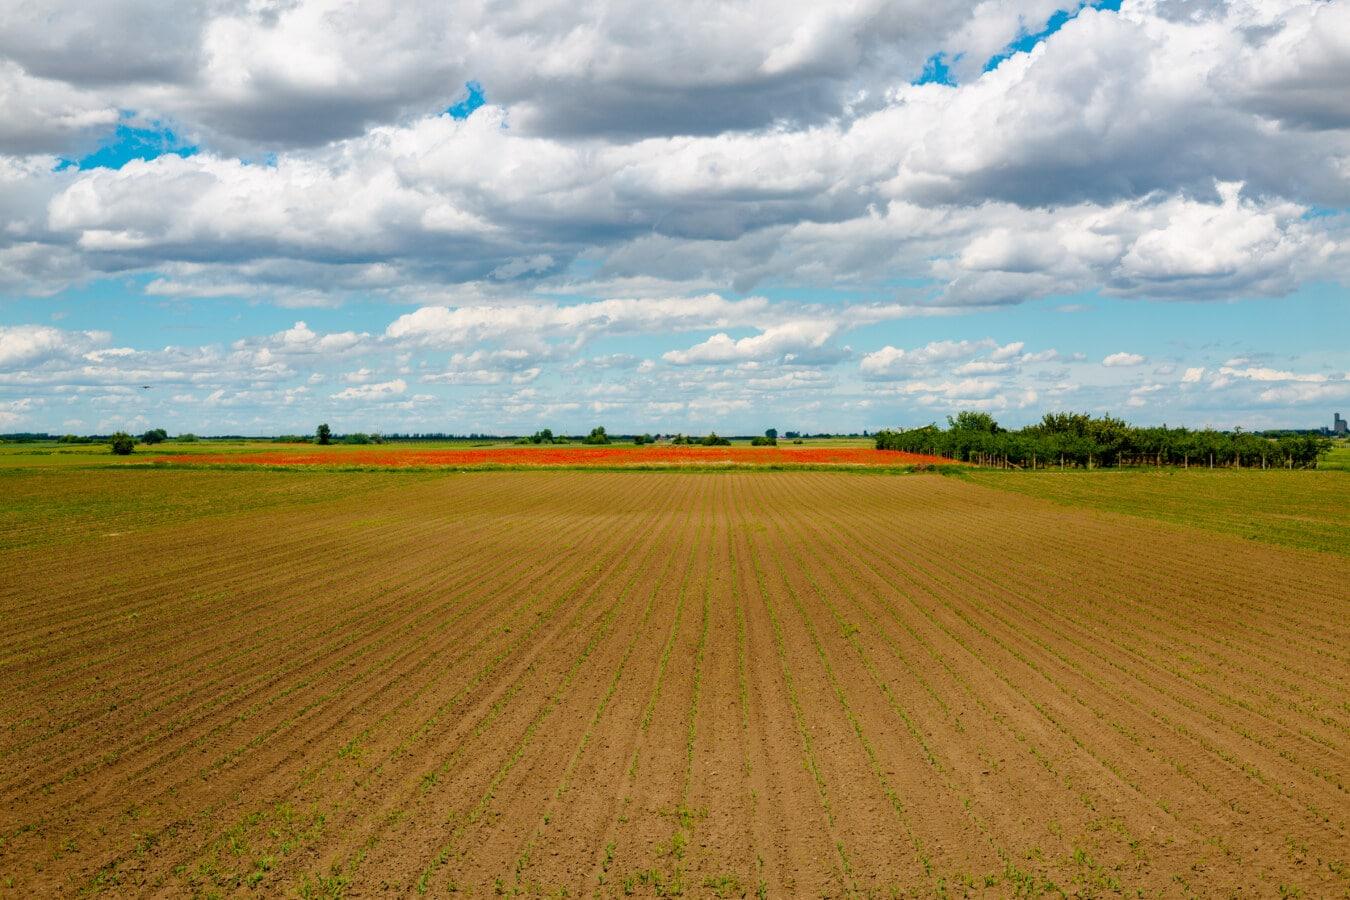 landwirtschaftlich, Feld, Frühling, Landschaft, Plain, Land, des ländlichen Raums, Wiese, Gras, Horizont